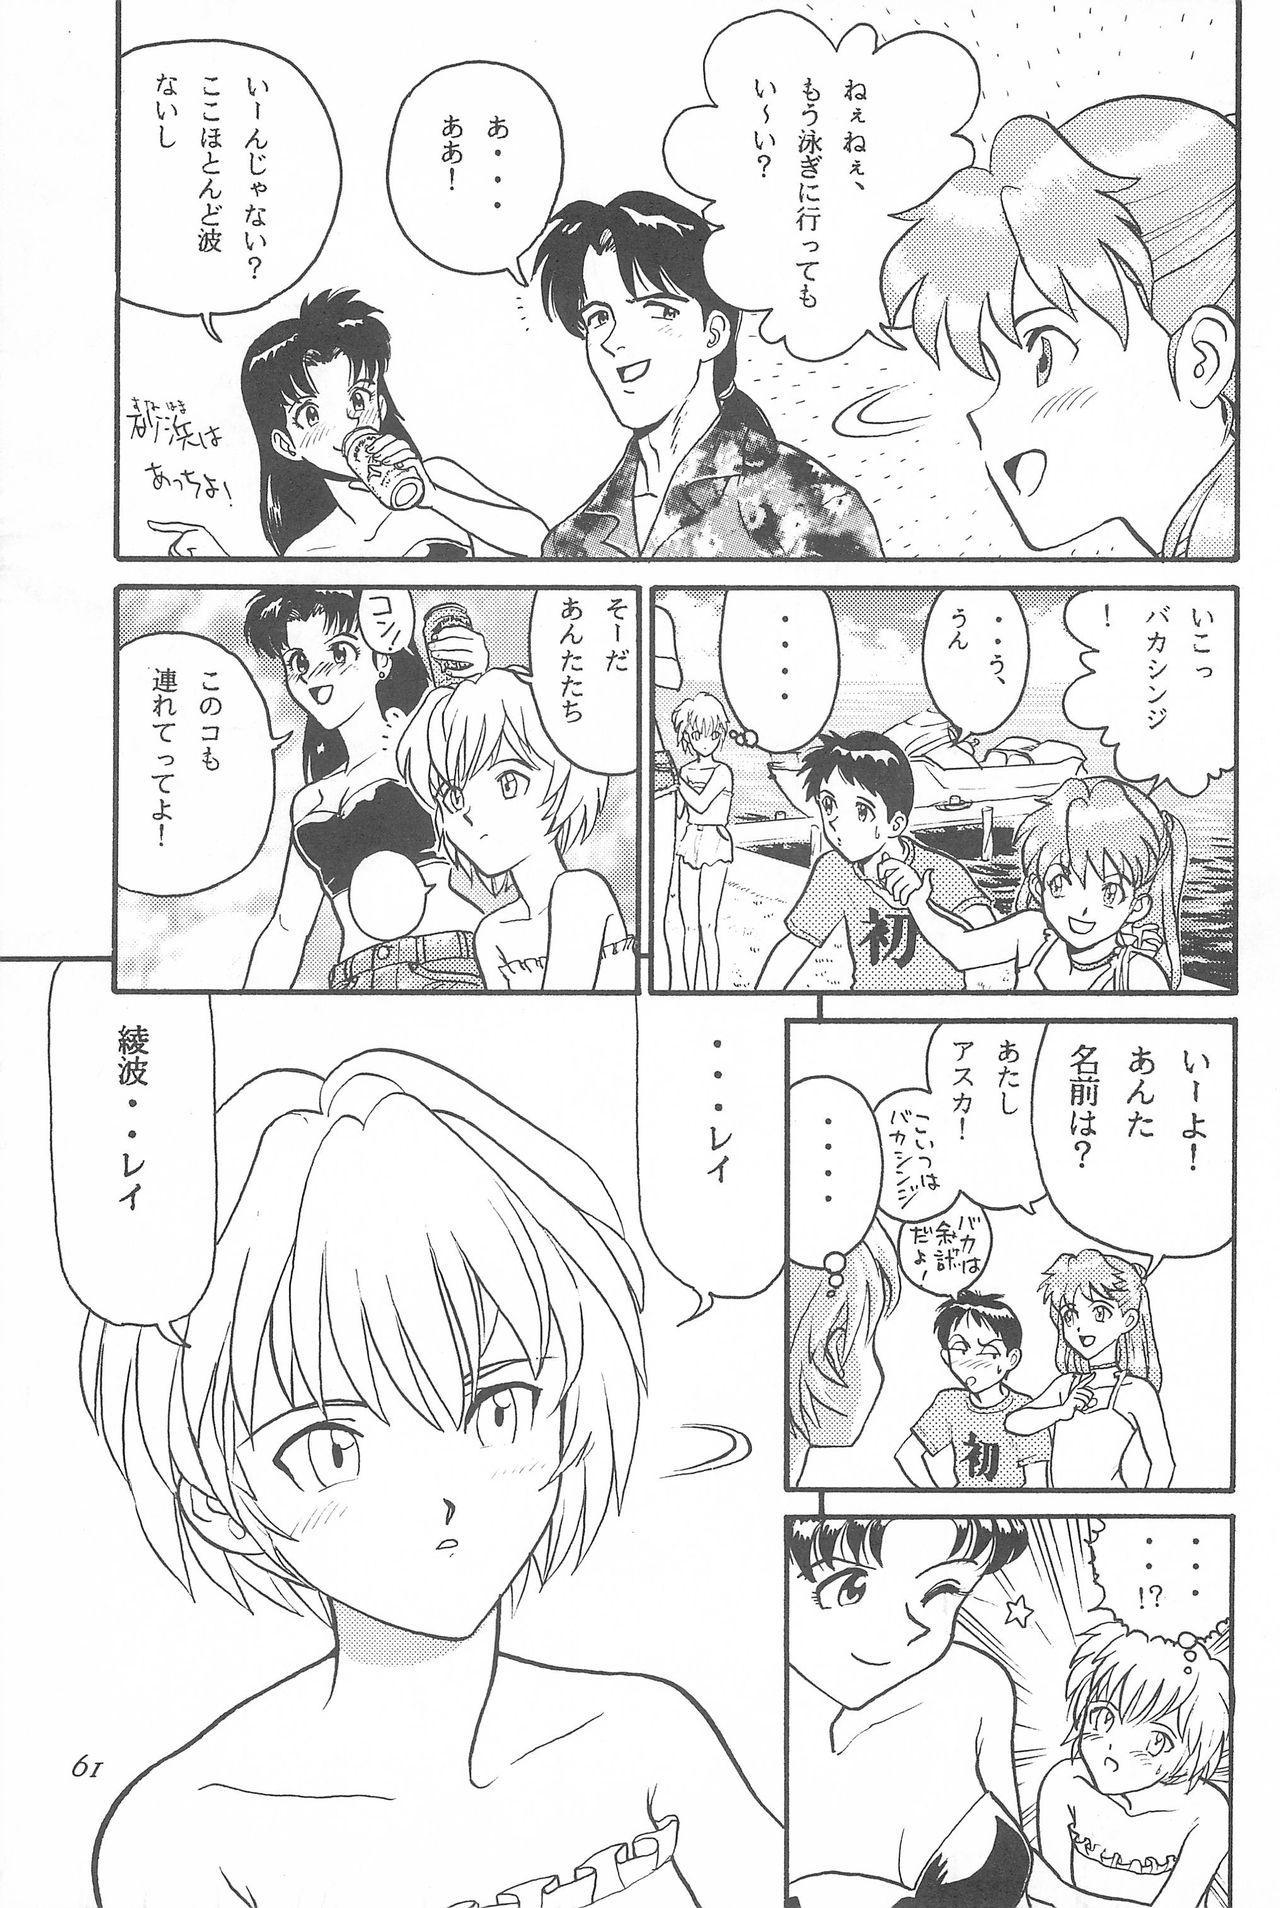 Youseiki Evanlolibon 60